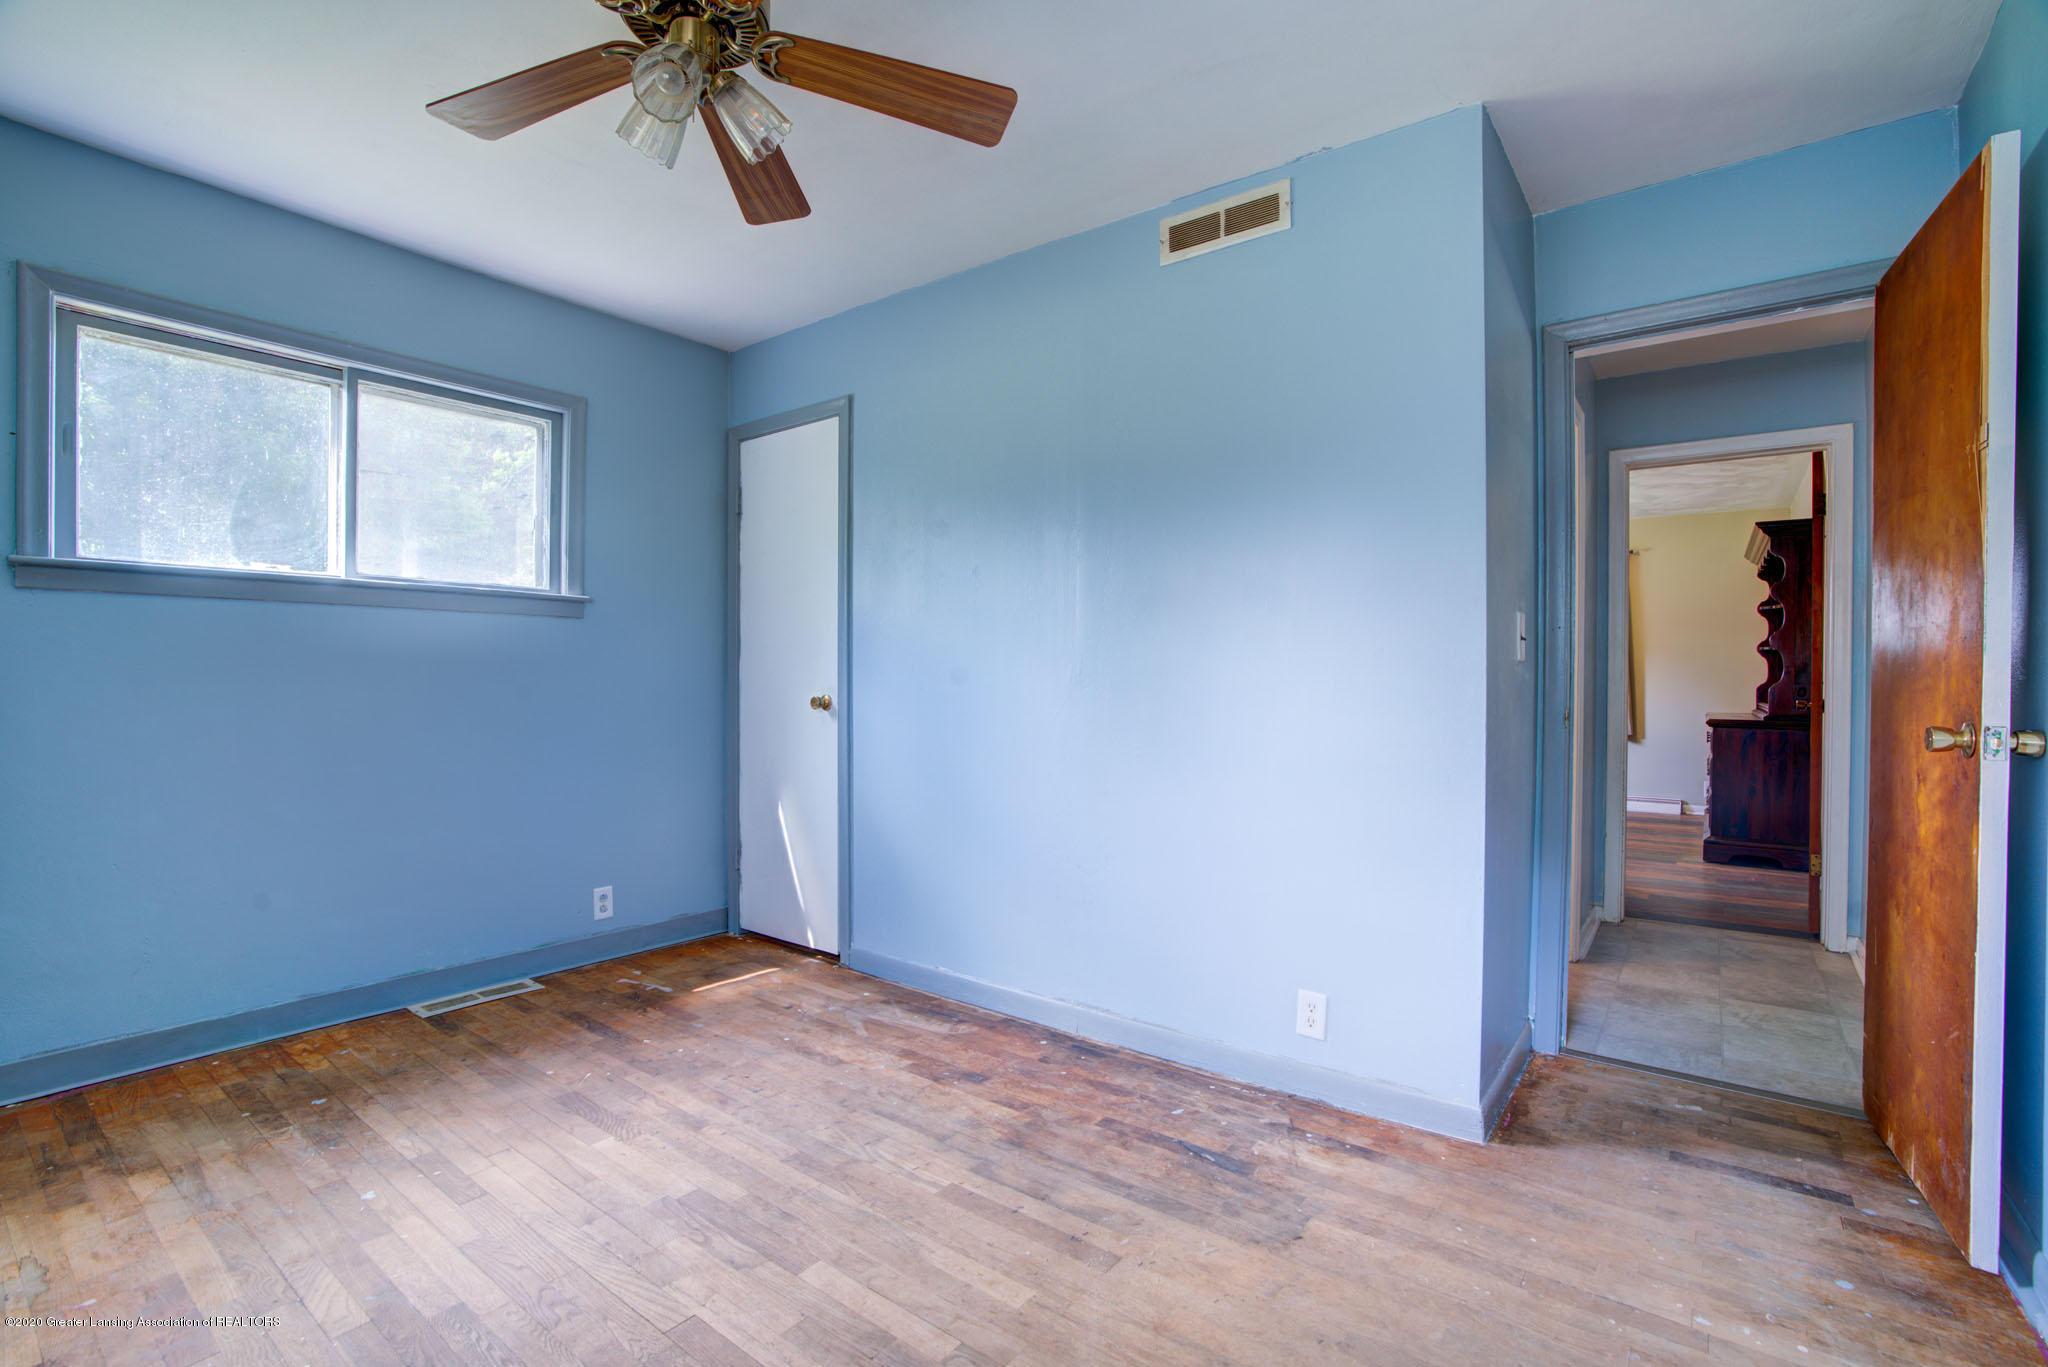 2400 Washington Rd - Bedroom 2 - 14